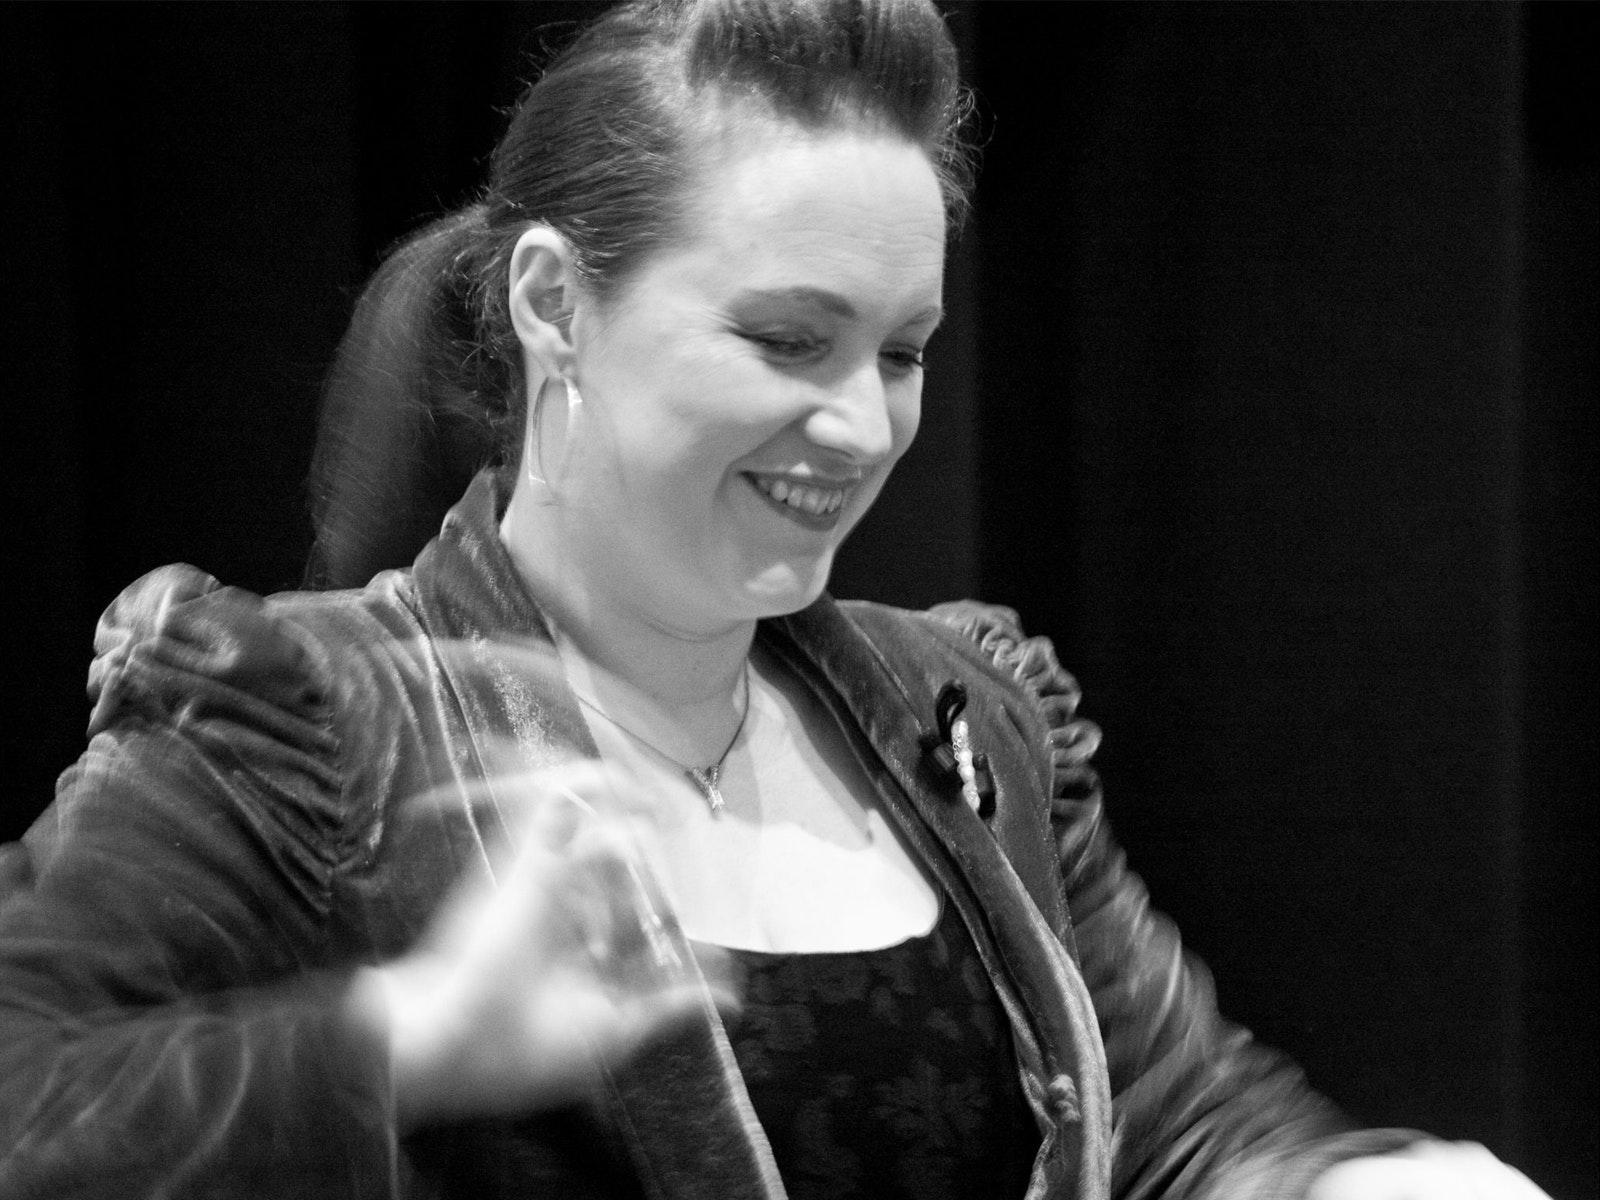 Yvette Johansson